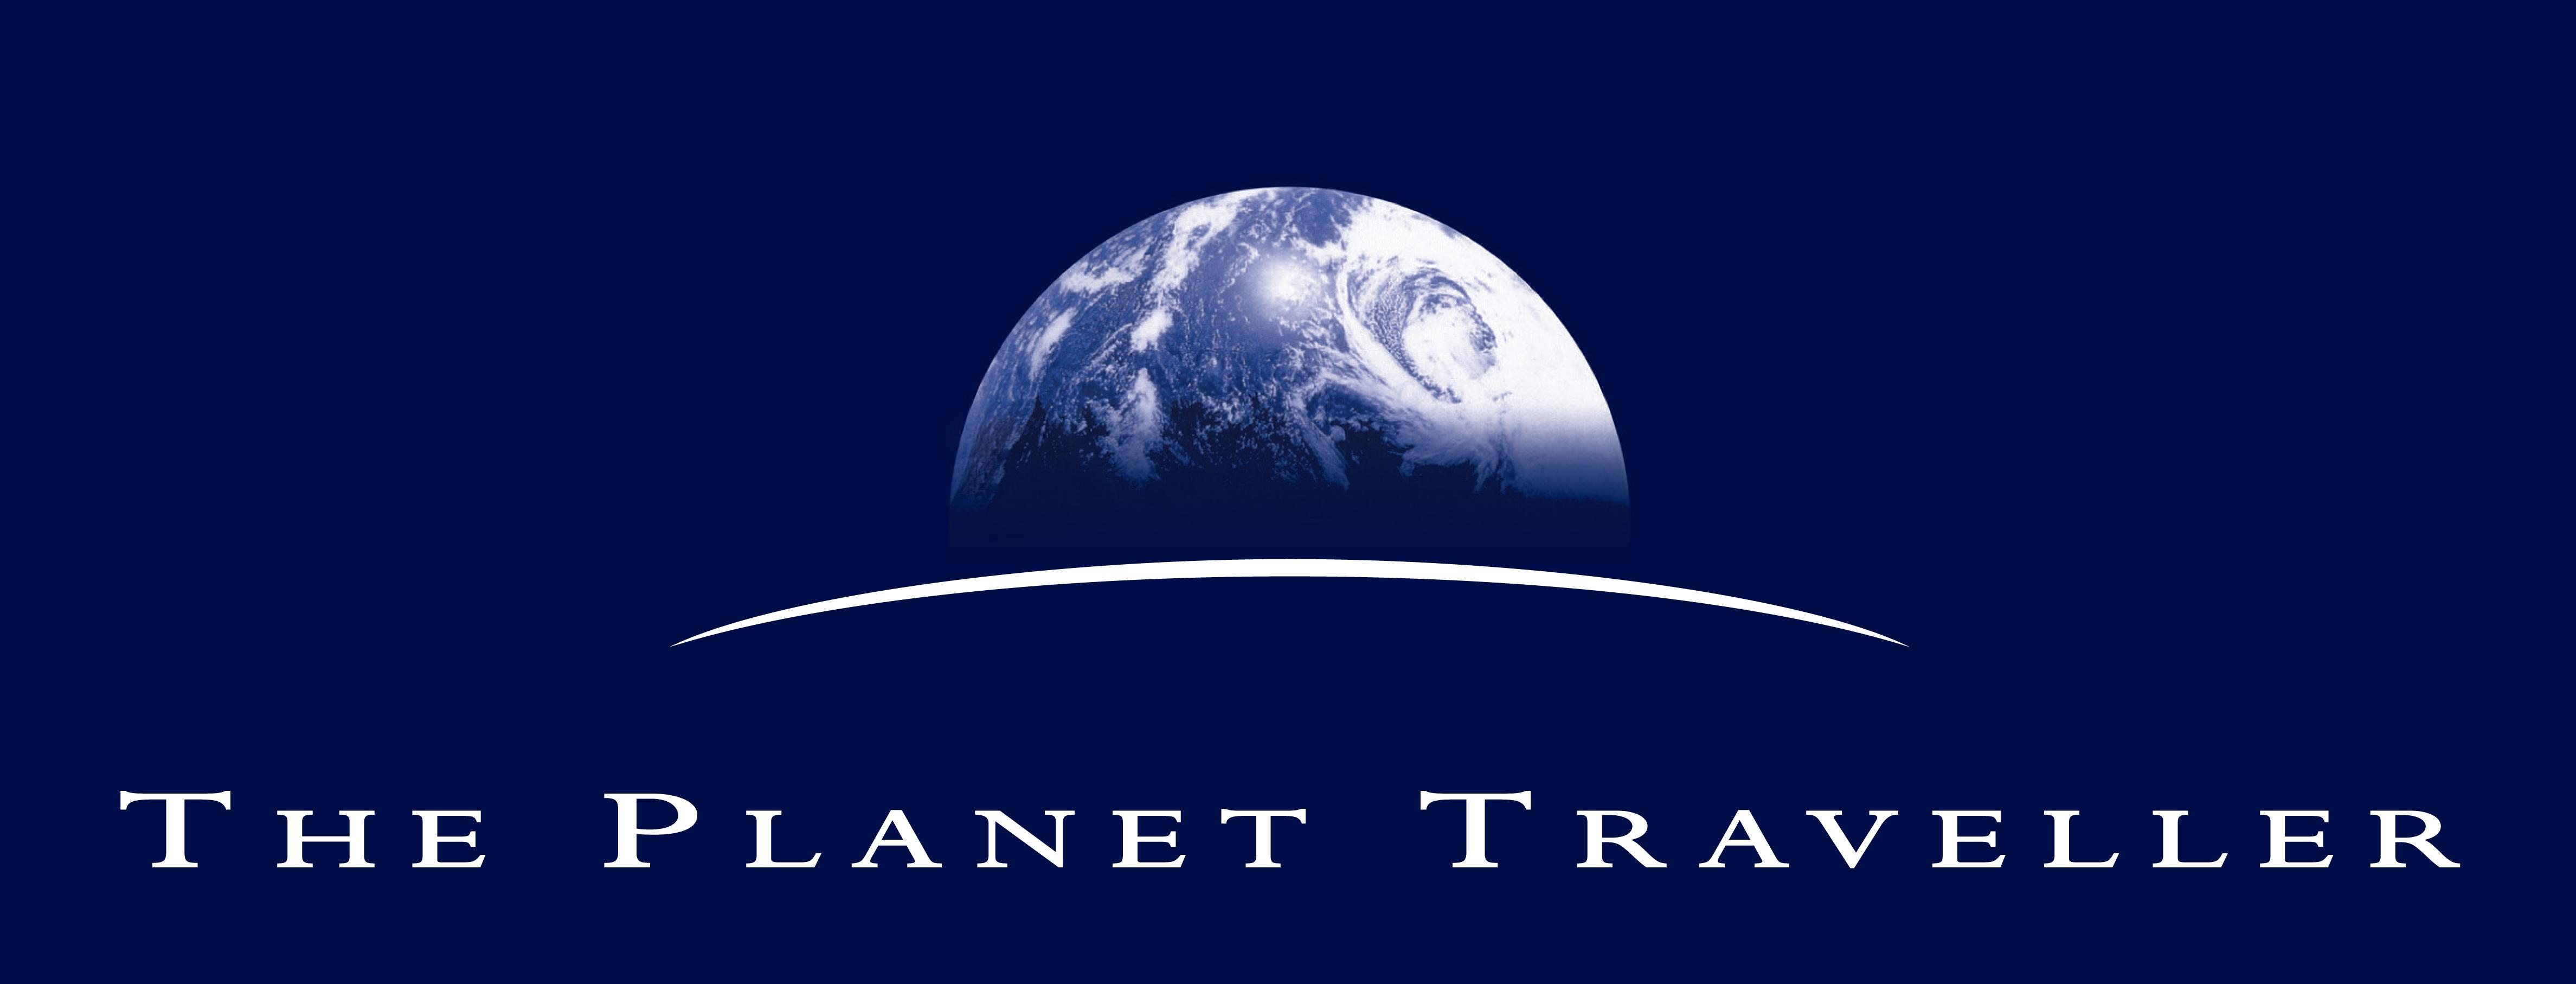 The Planet Traveler